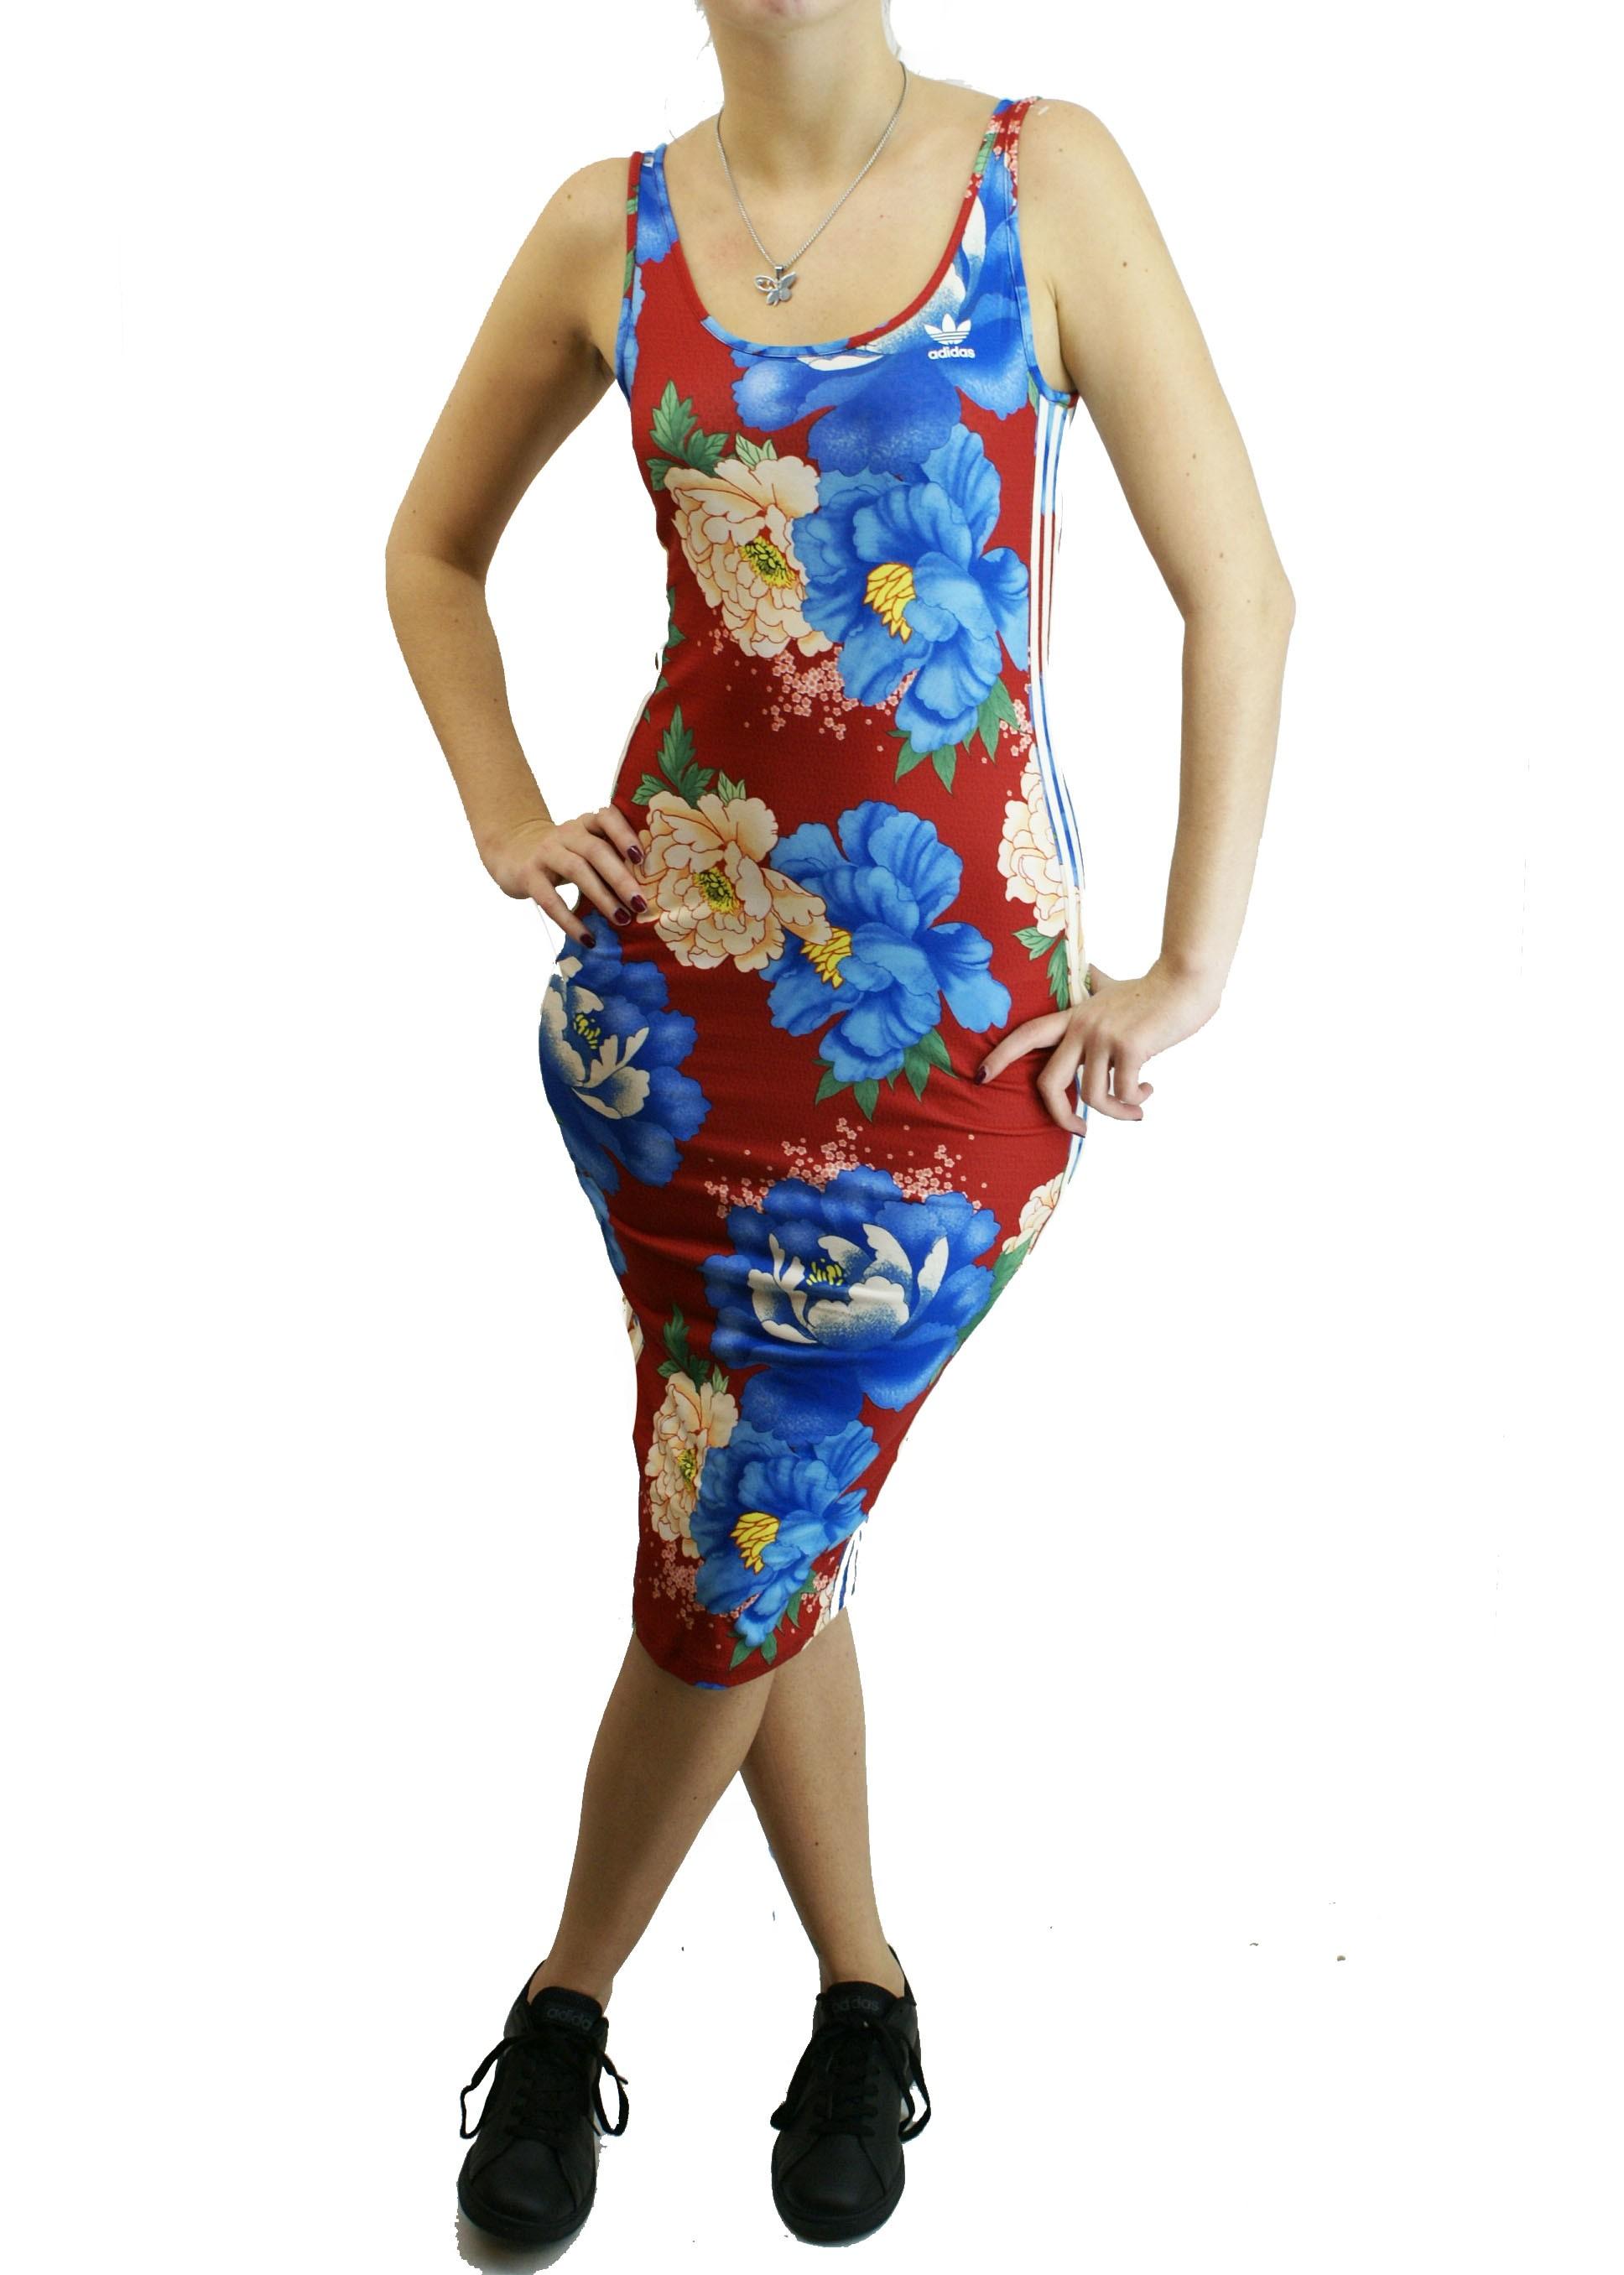 Carteles Antibióticos Permanecer  Vestido Adidas Originals Flores Rjo/cte Dama Deporfan - Indumentaria -  Mujeres - E-Shop